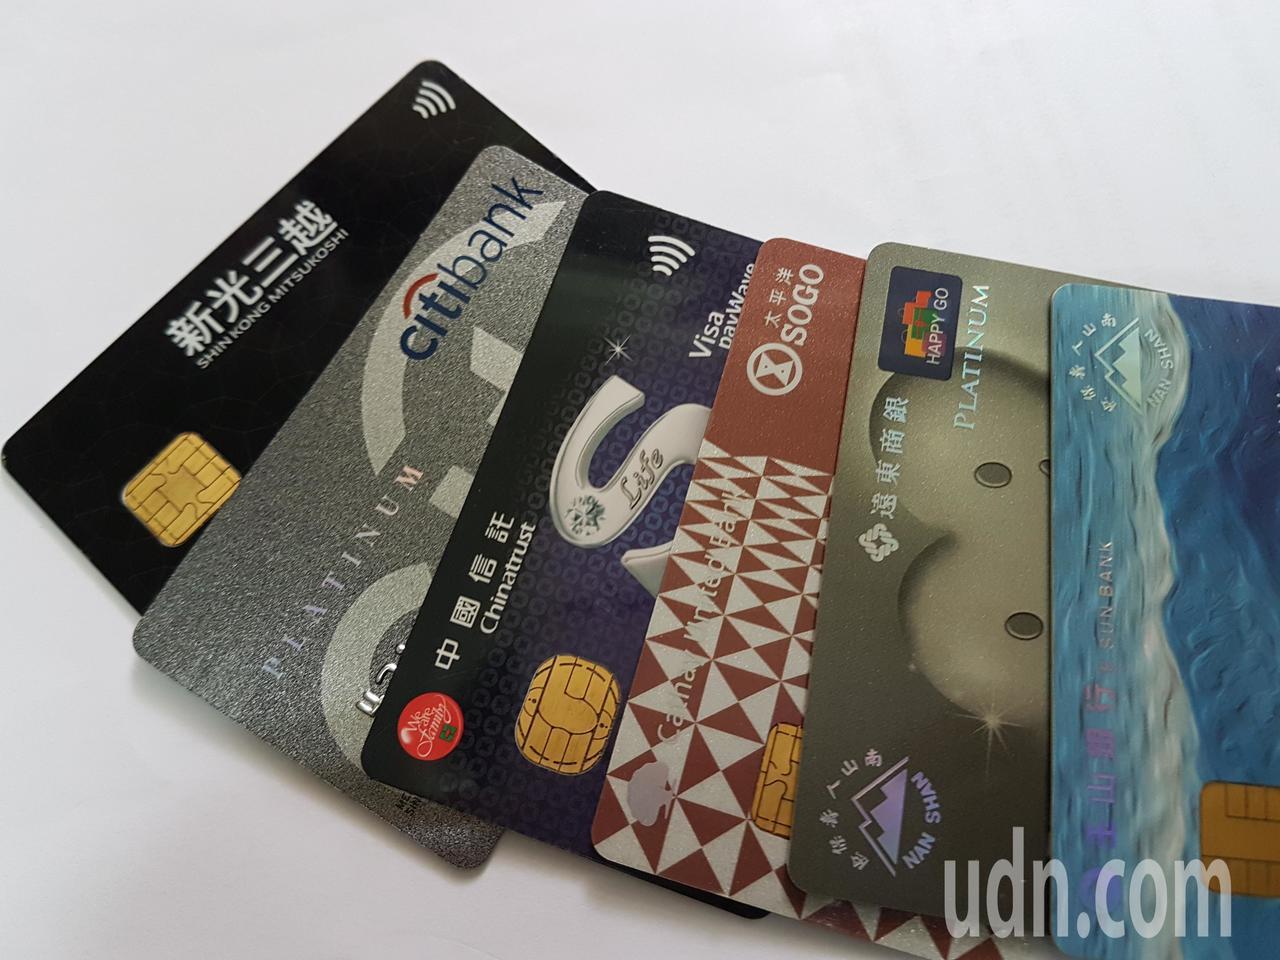 富邦人壽開放網路投保可刷卡支付,保戶單日即刷破1000萬元。記者孫中英/攝影